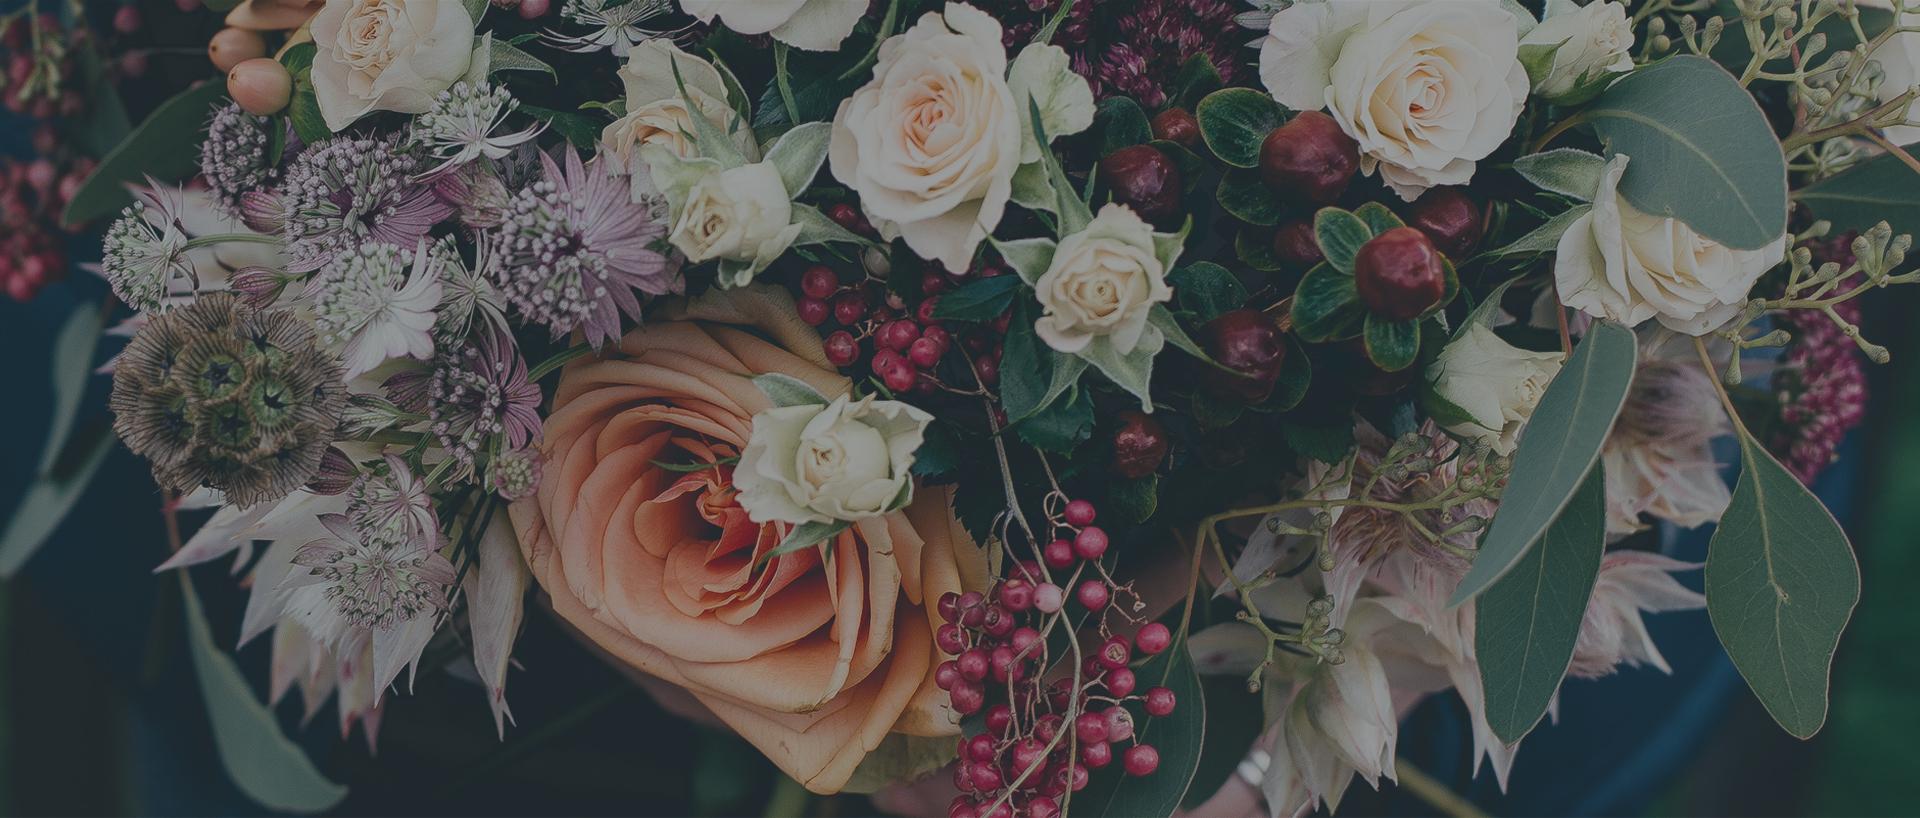 Das kleine Grüne - Blumenladen Hamburg - Blumenladen Eimsbüttel - Hochzeitsblumen - Hochzeitsflorisitk - Brautstrauß - Balkonpflanzen